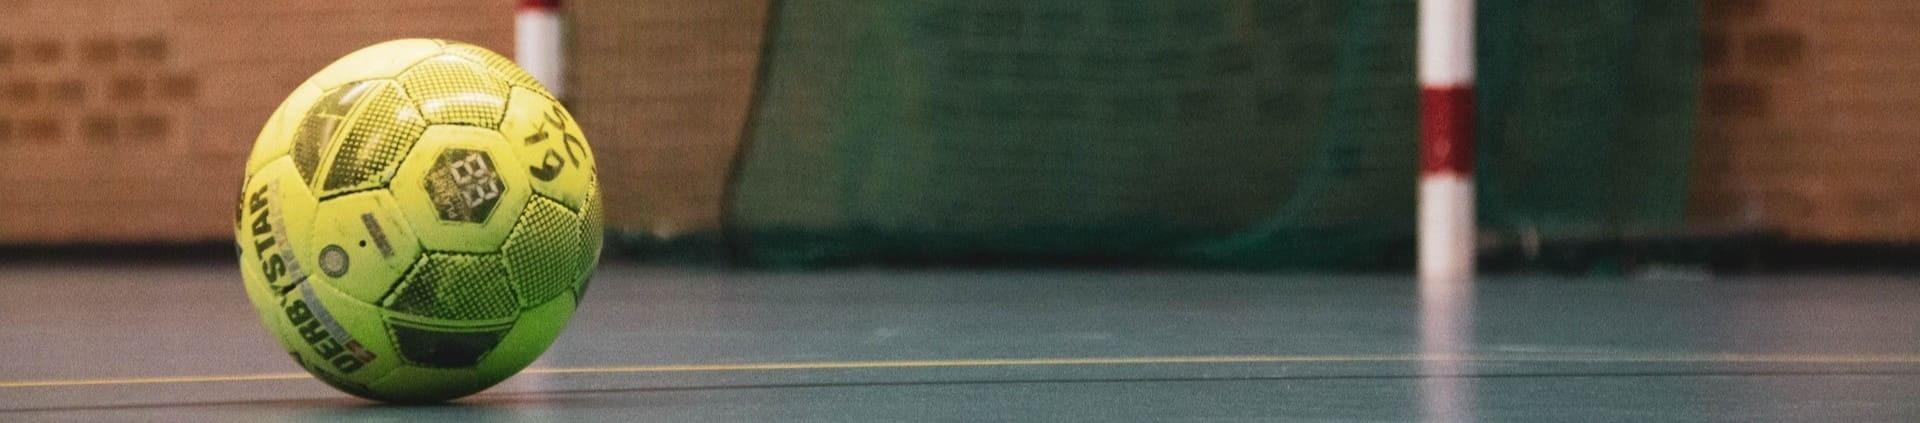 Piłka ręczna - wyposażenie do gry - Powerman Sport